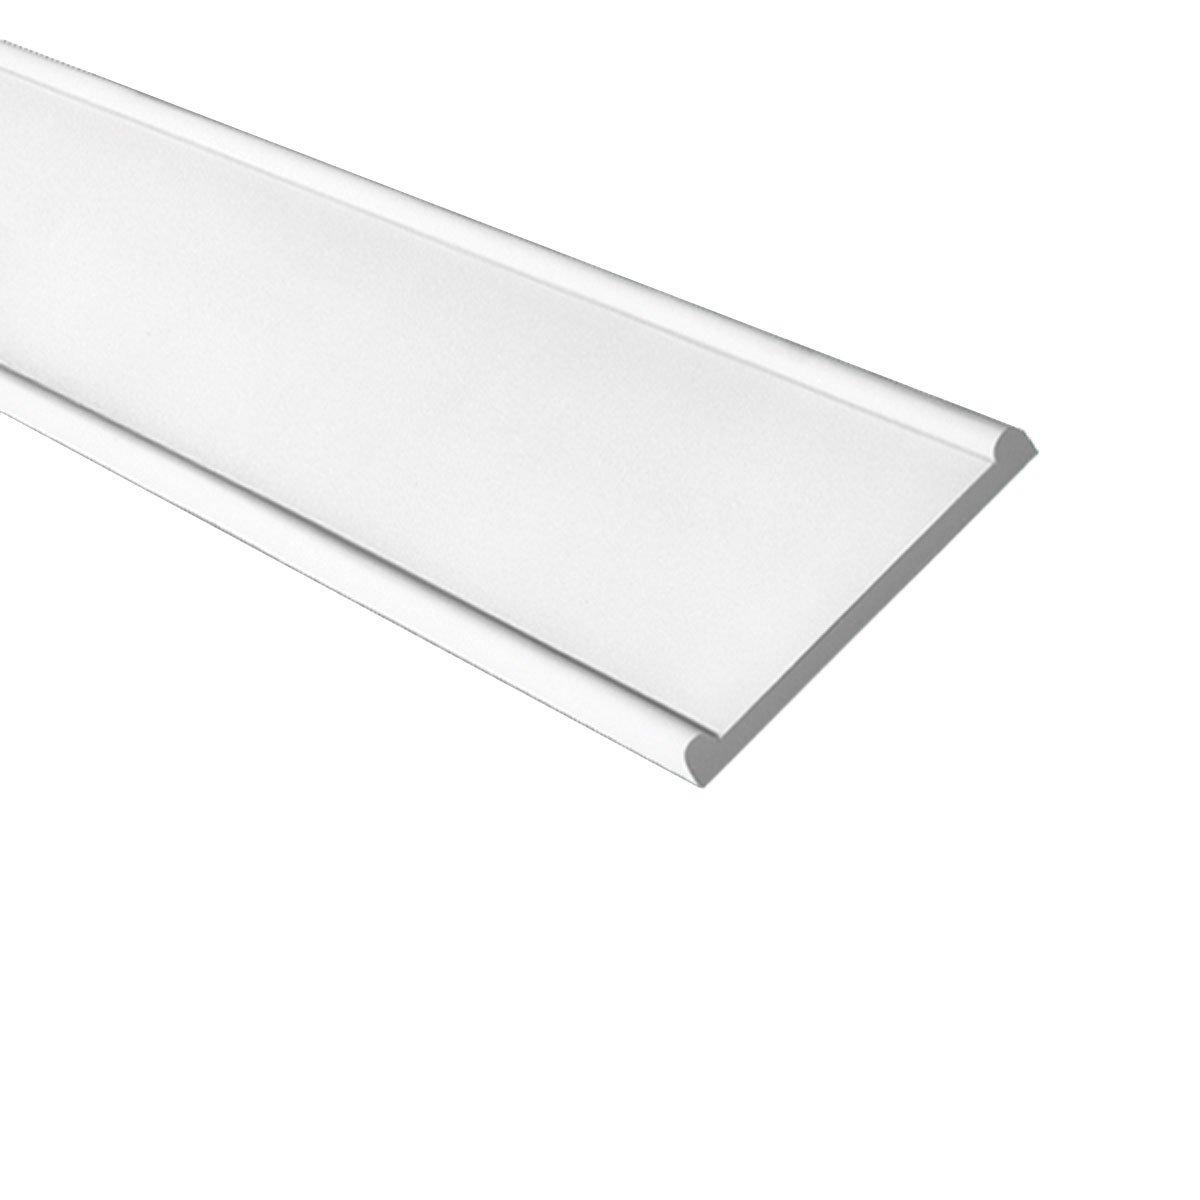 14 7/8''H x 1 5/8''P, 16' Length, Door/Window Moulding